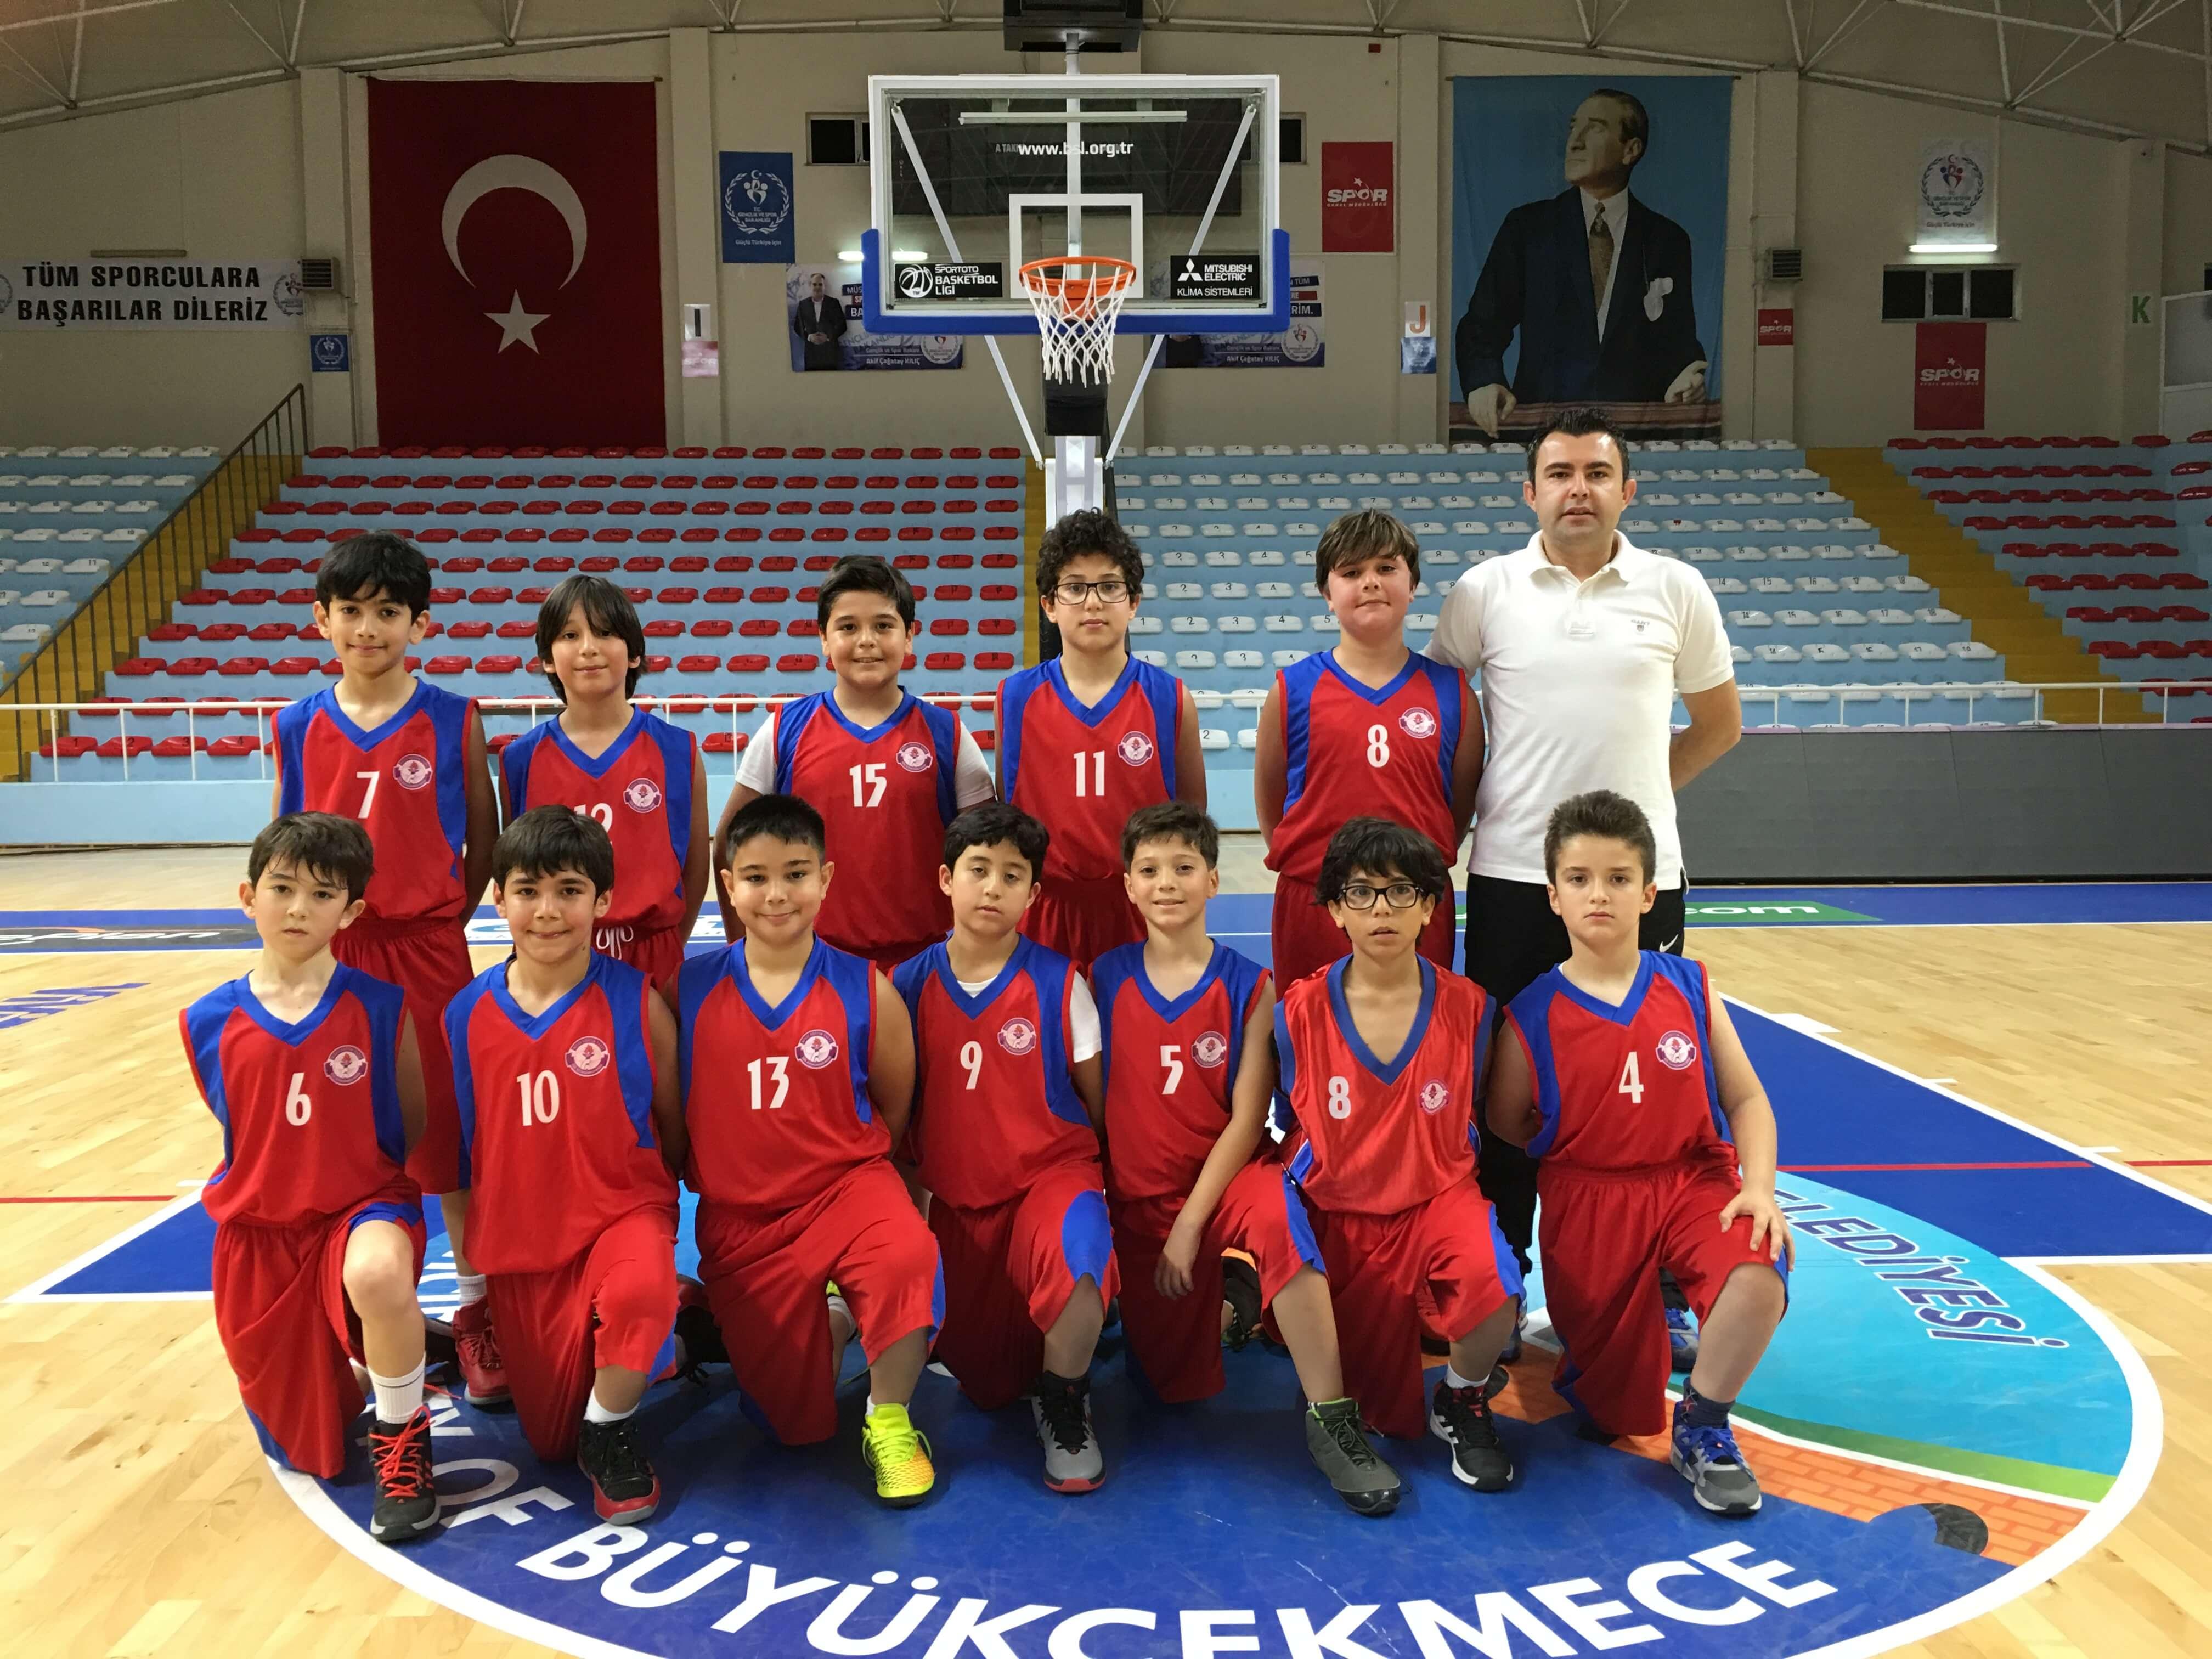 Minik Basketbolcularımız, Rakibini Büyük Farkla Mağlup Etti